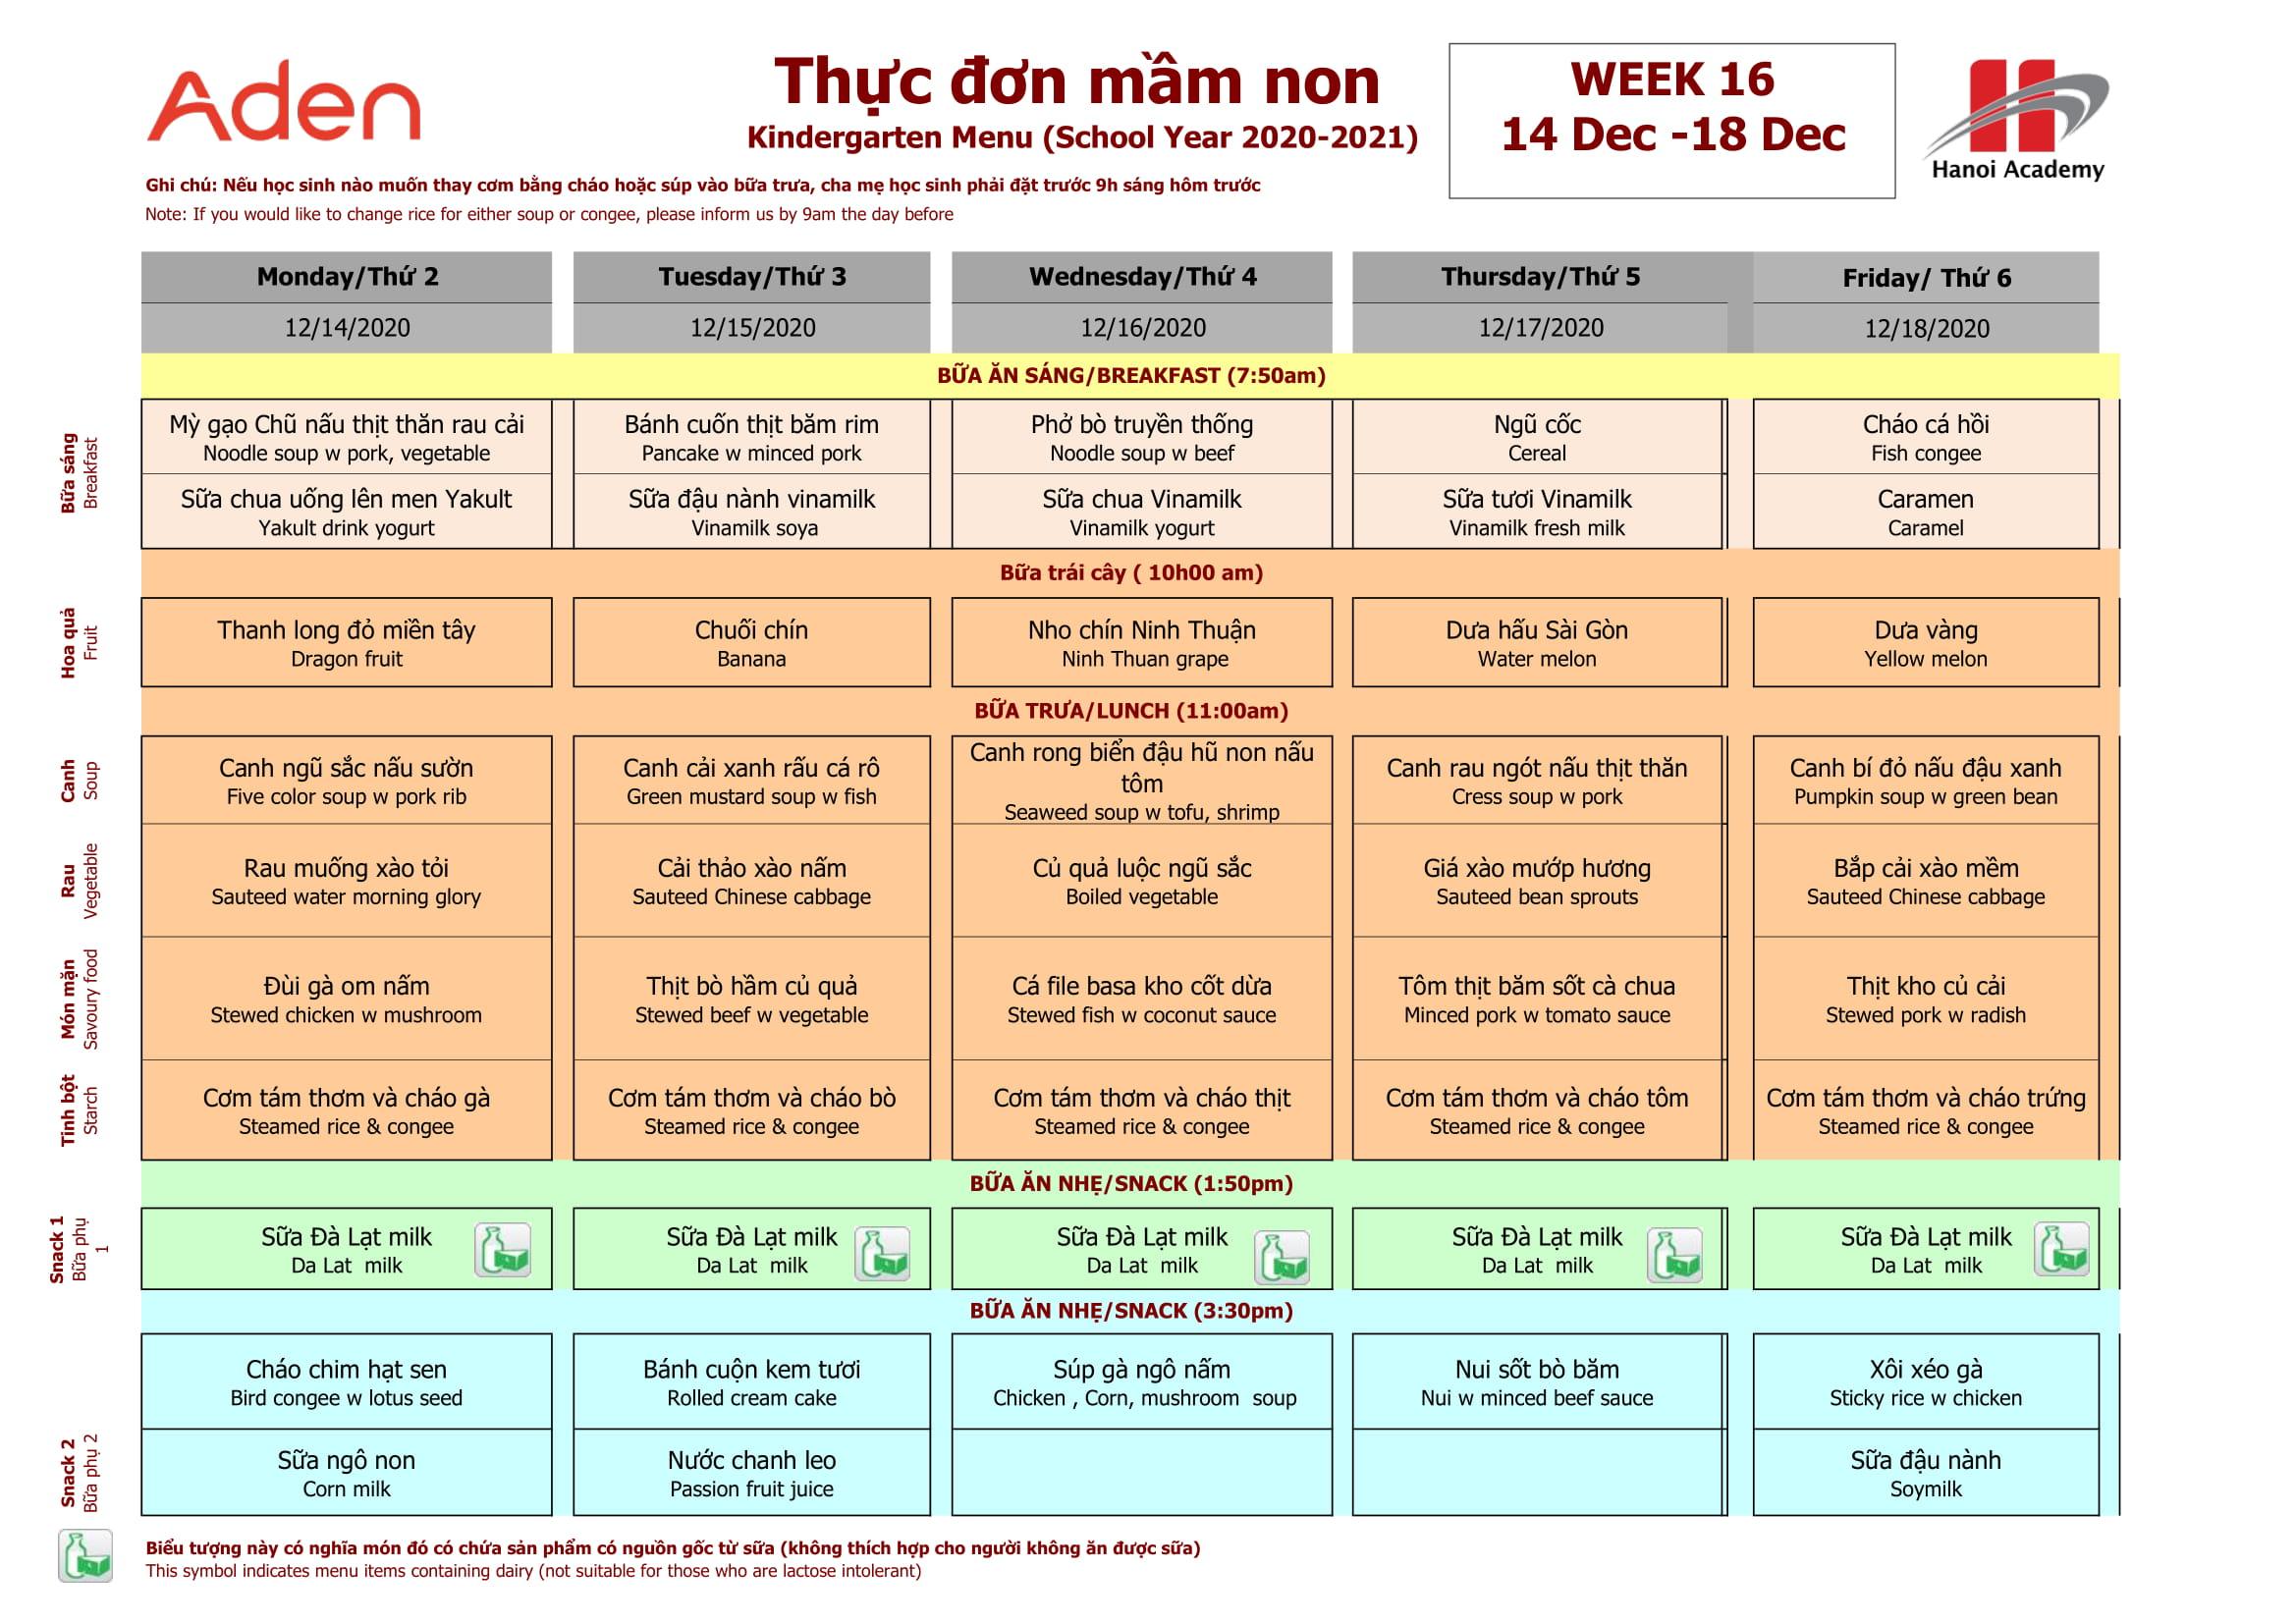 Thực đơn tuần 16 (14.12-19.12) năm học 2020-2021